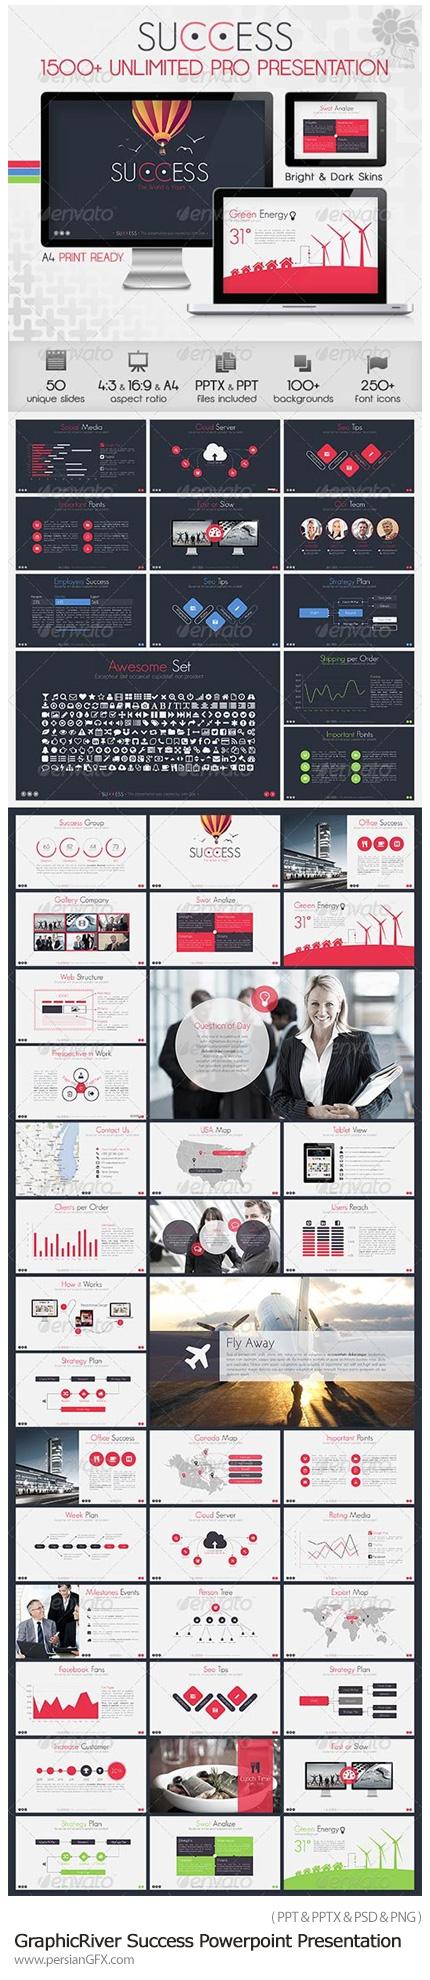 دانلود مجموعه قالب های آماده تجاری پاورپوینت از گرافیک ریور - GraphicRiver Success Powerpoint Presentation Template